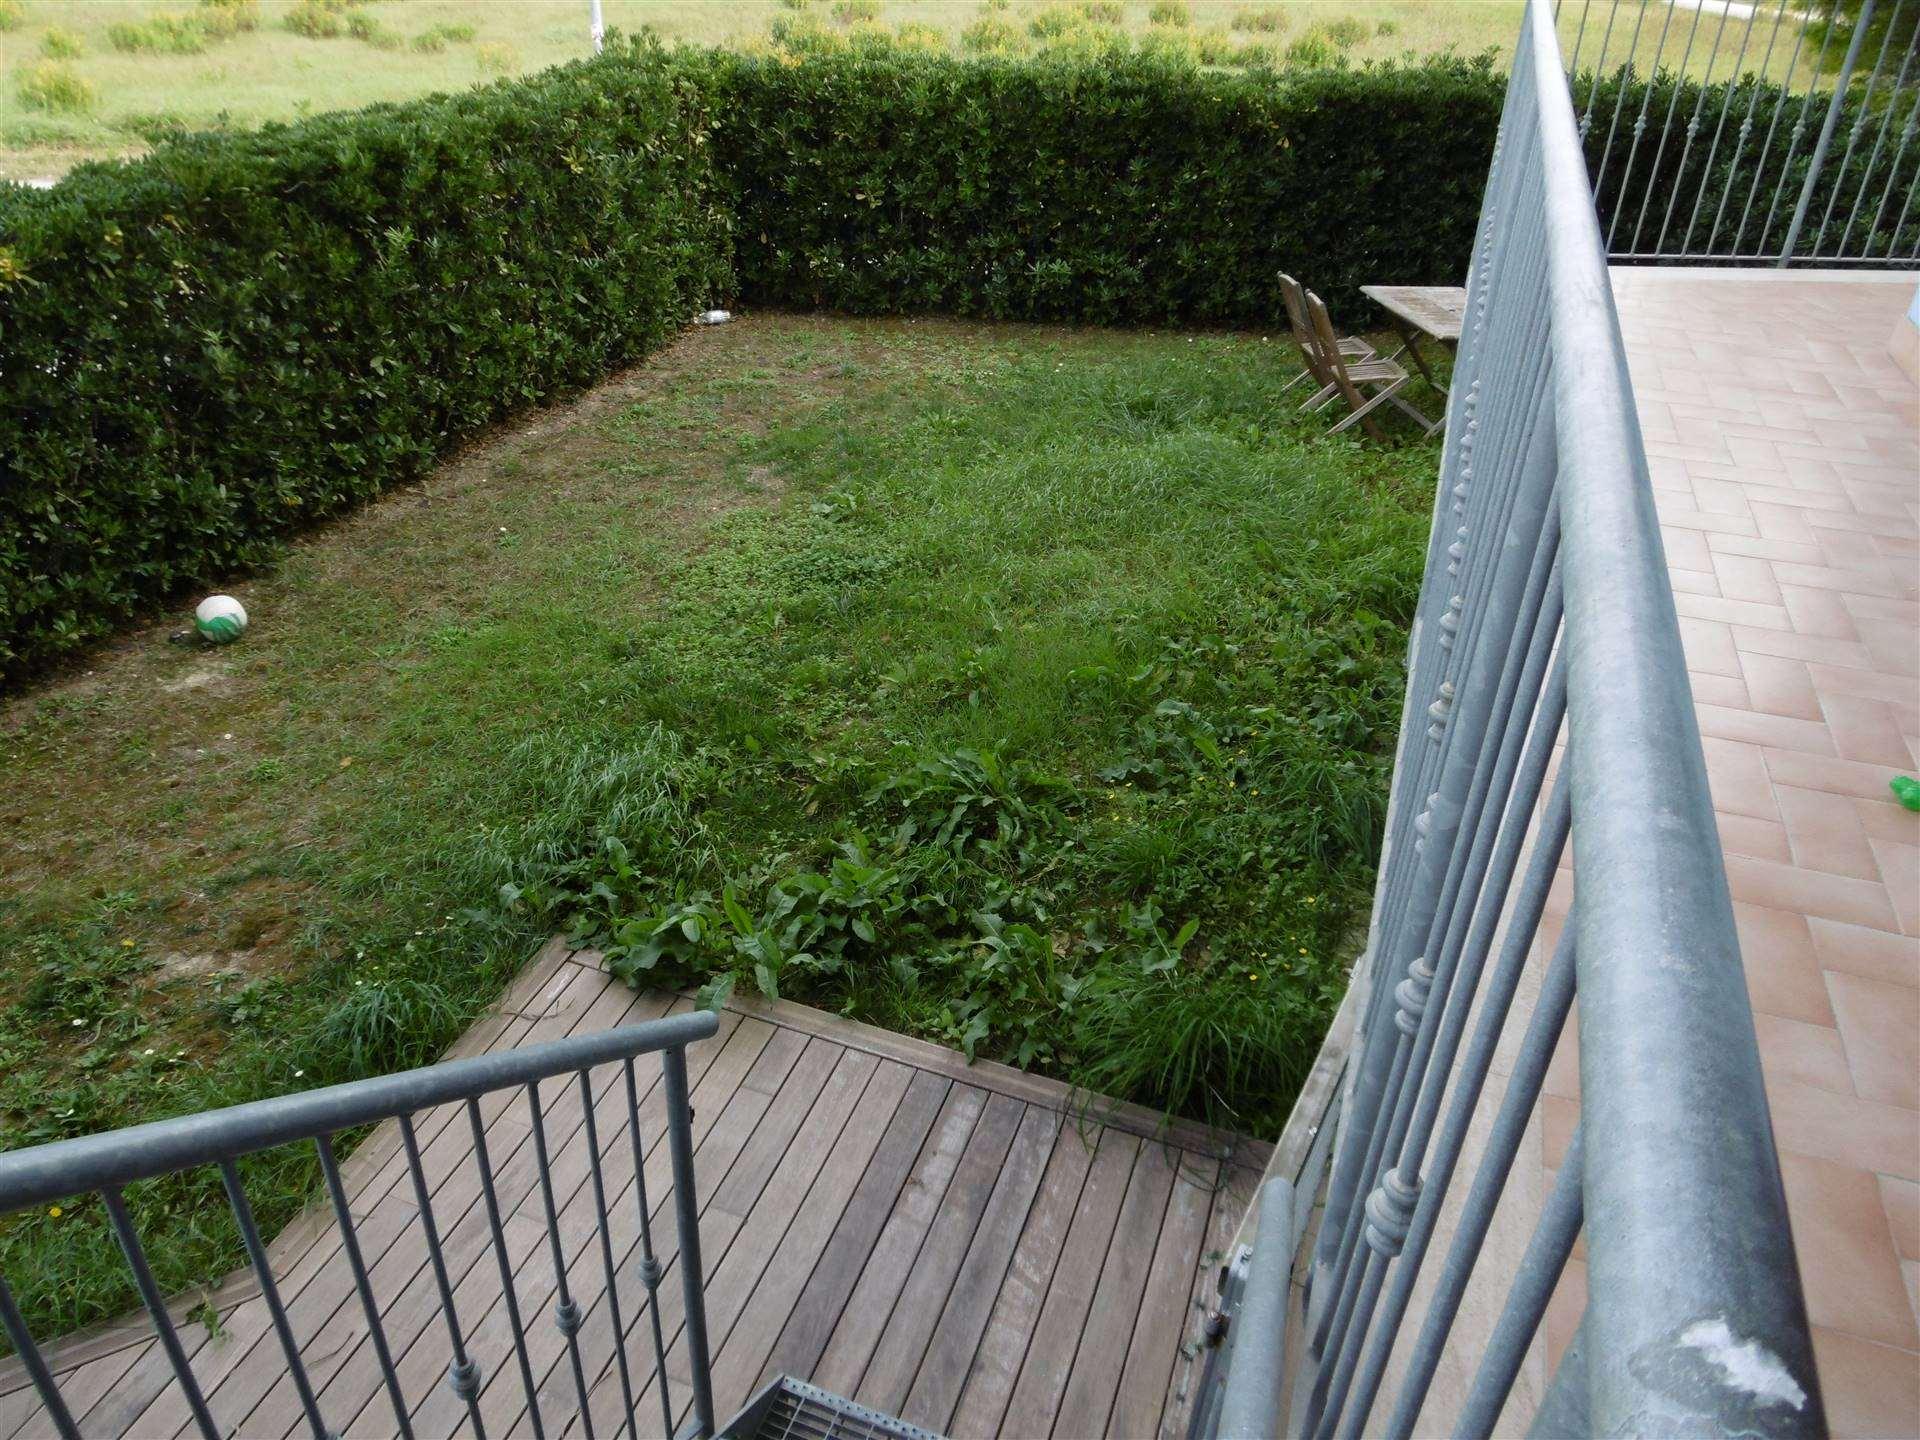 ALL IMMOBILIARE SAS propone in vendita ad OSIMO - fraz. ASPIO - appartamento del 2010 al piano terra con giardino. L'abitazione, con ingresso